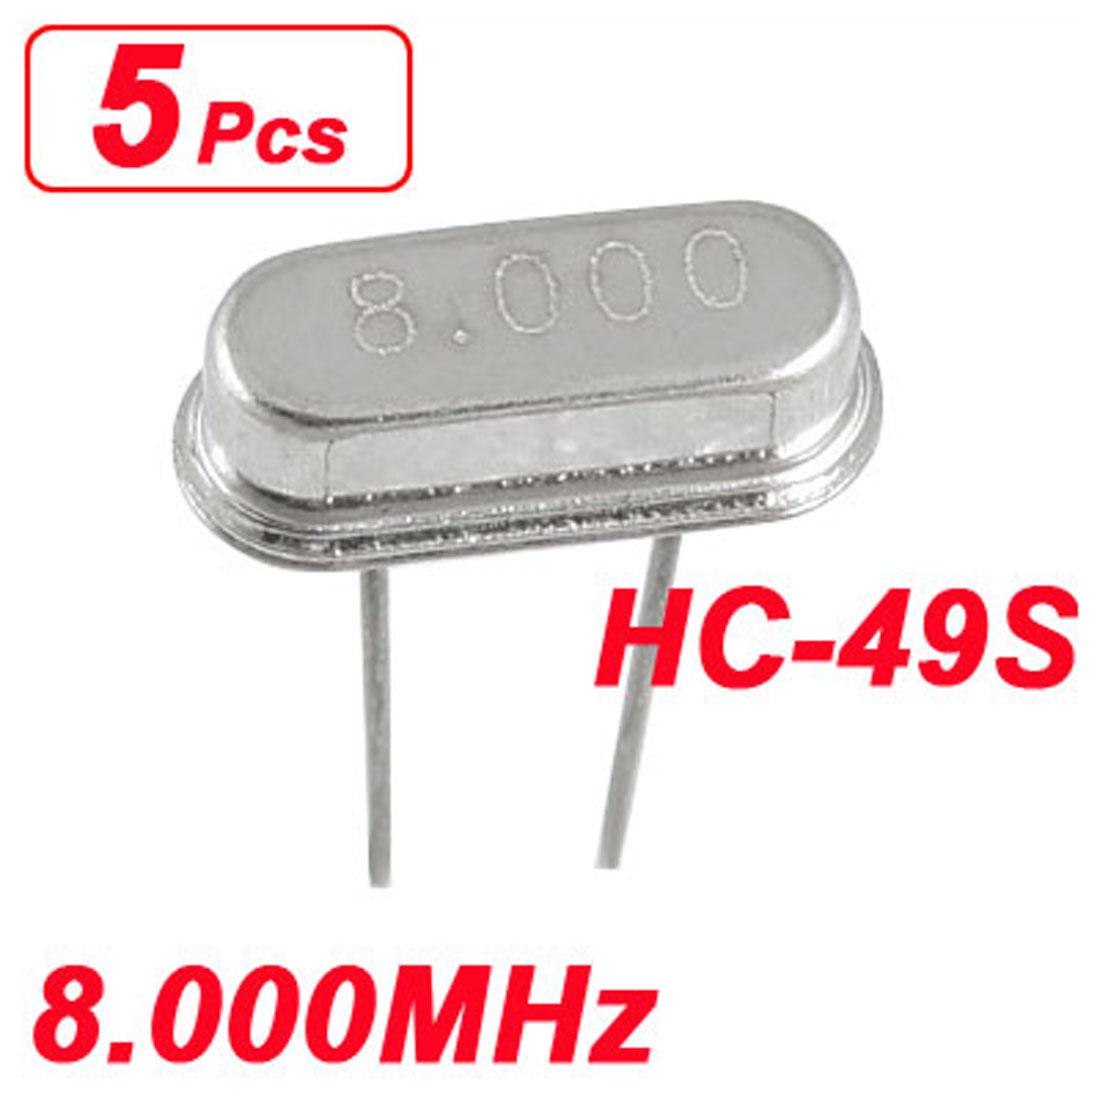 5 x 8.000 MHz 8 MHz Crystal HC-49S Crystal Oscillator